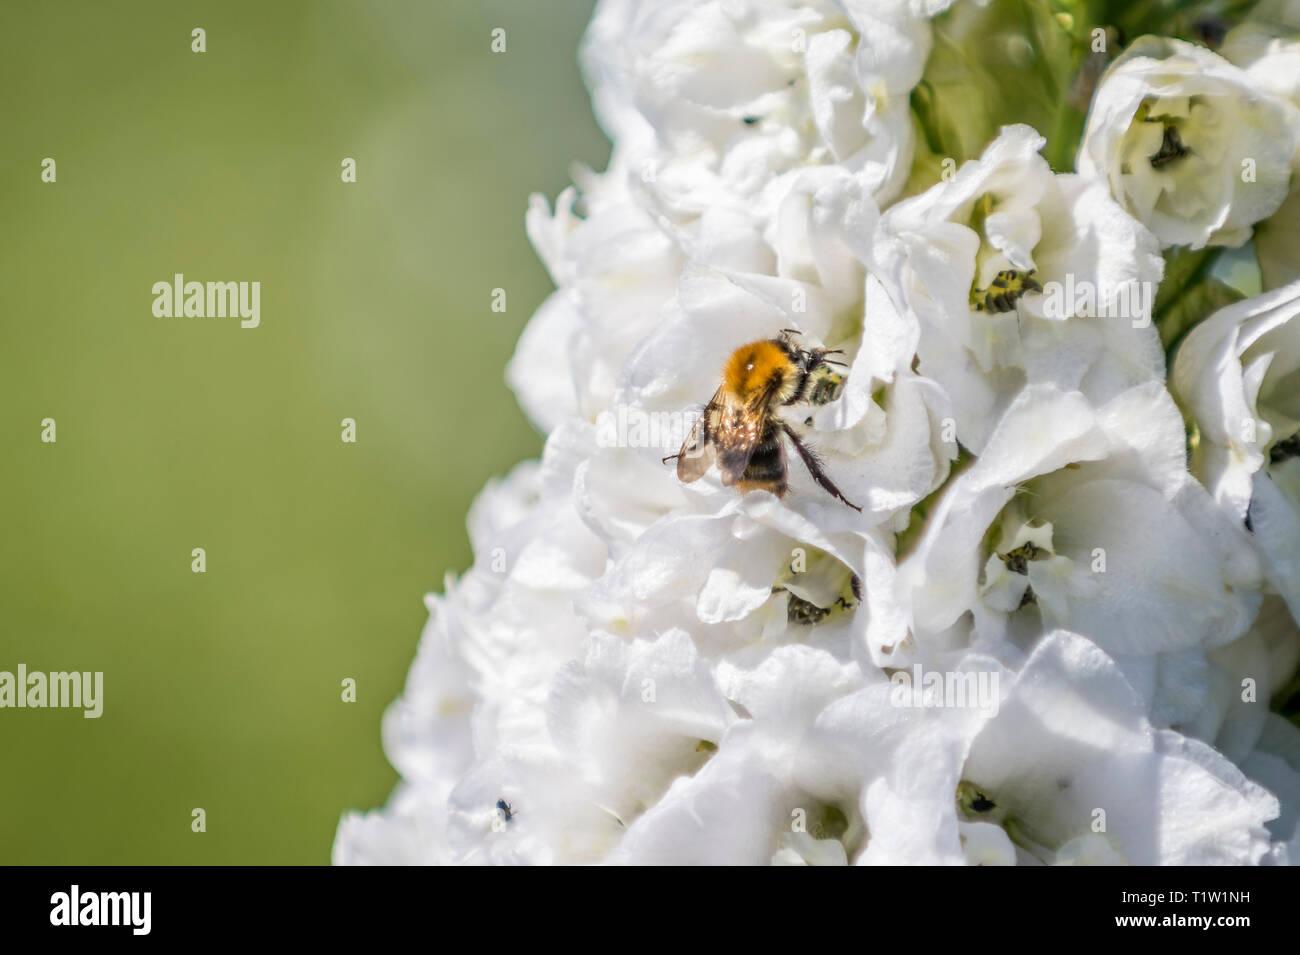 Honig Biene auf Blume Rittersporn Stockbild